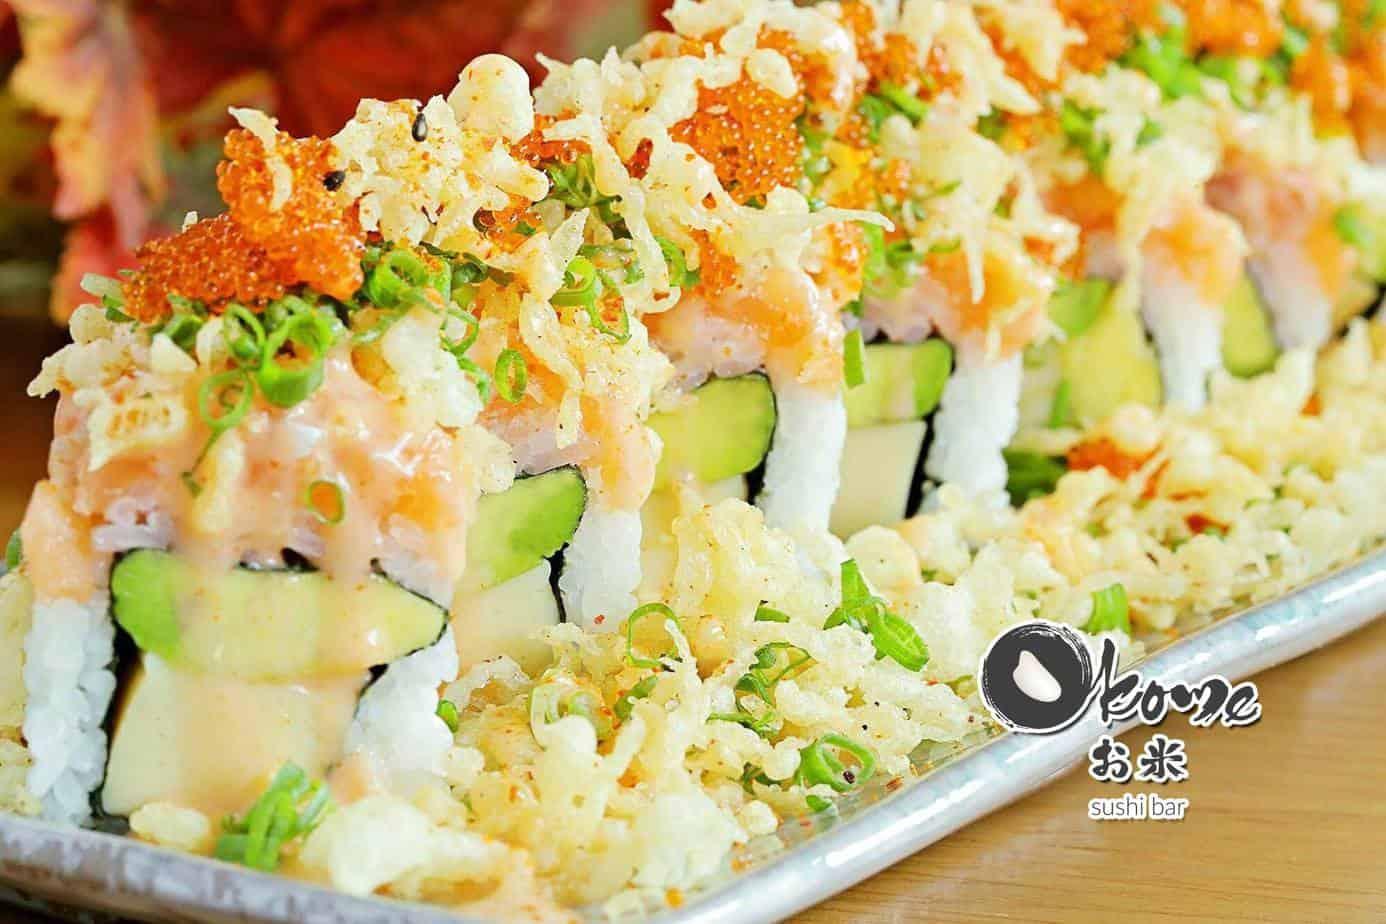 Top 6 Nhà Hàng Sushi Ngon Nhất Tại Quận 1 TPHCM - nhà hàng shushi ngon nhất tại quận 1 - Haha Sushi | Nhà hàng Lá Phong | Okome Sushi Bar 45